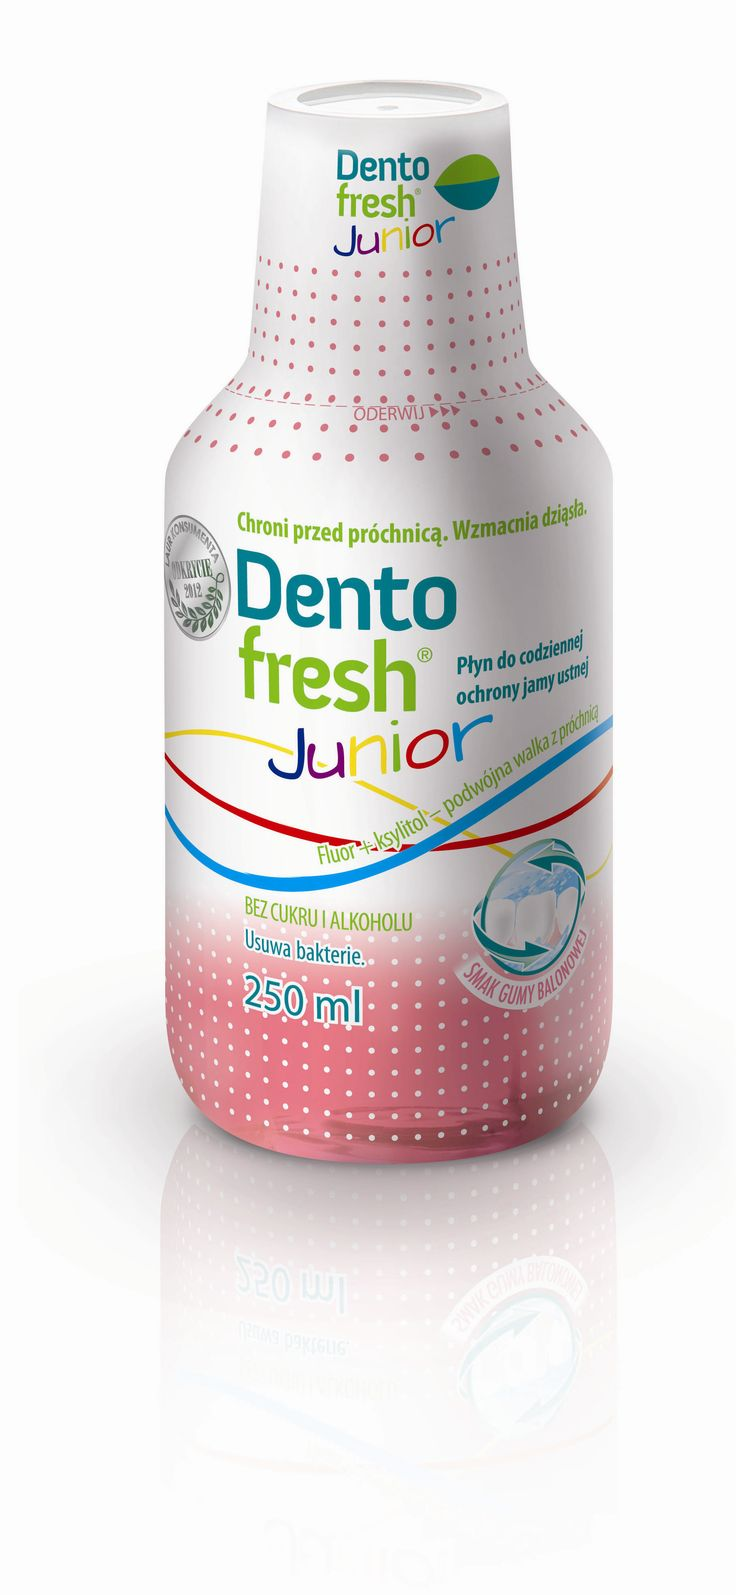 Nowość o smaku balonowym! Bez alkoholu, bez cukru! #dentofresh